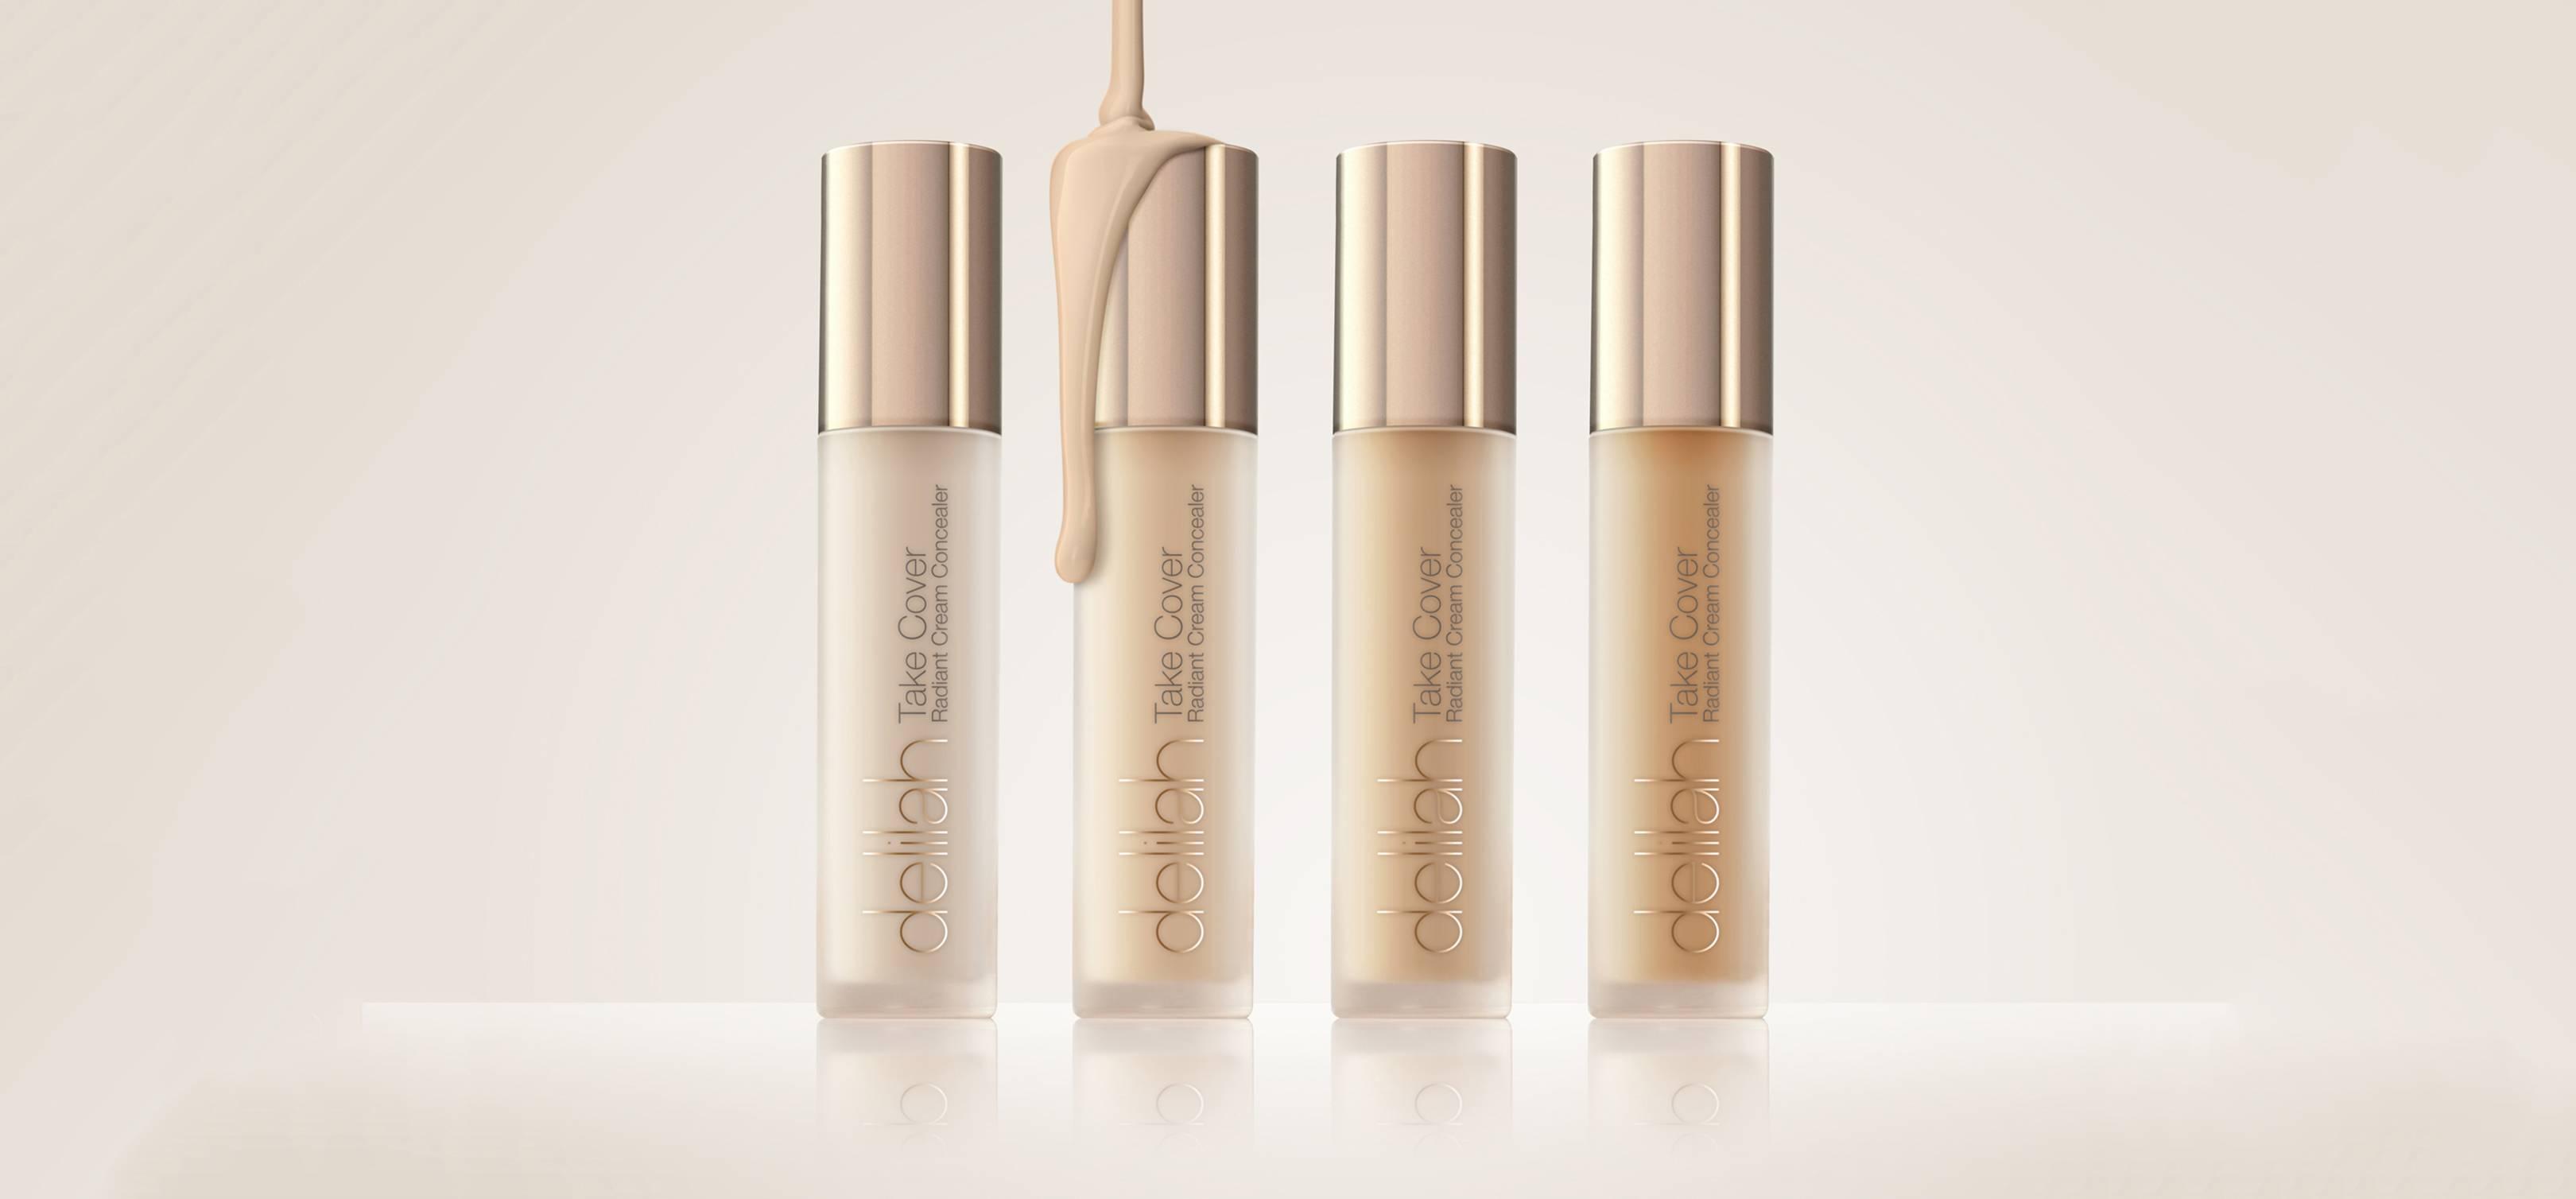 Delilah take cover radiant cream concealer review glamour uk izmirmasajfo